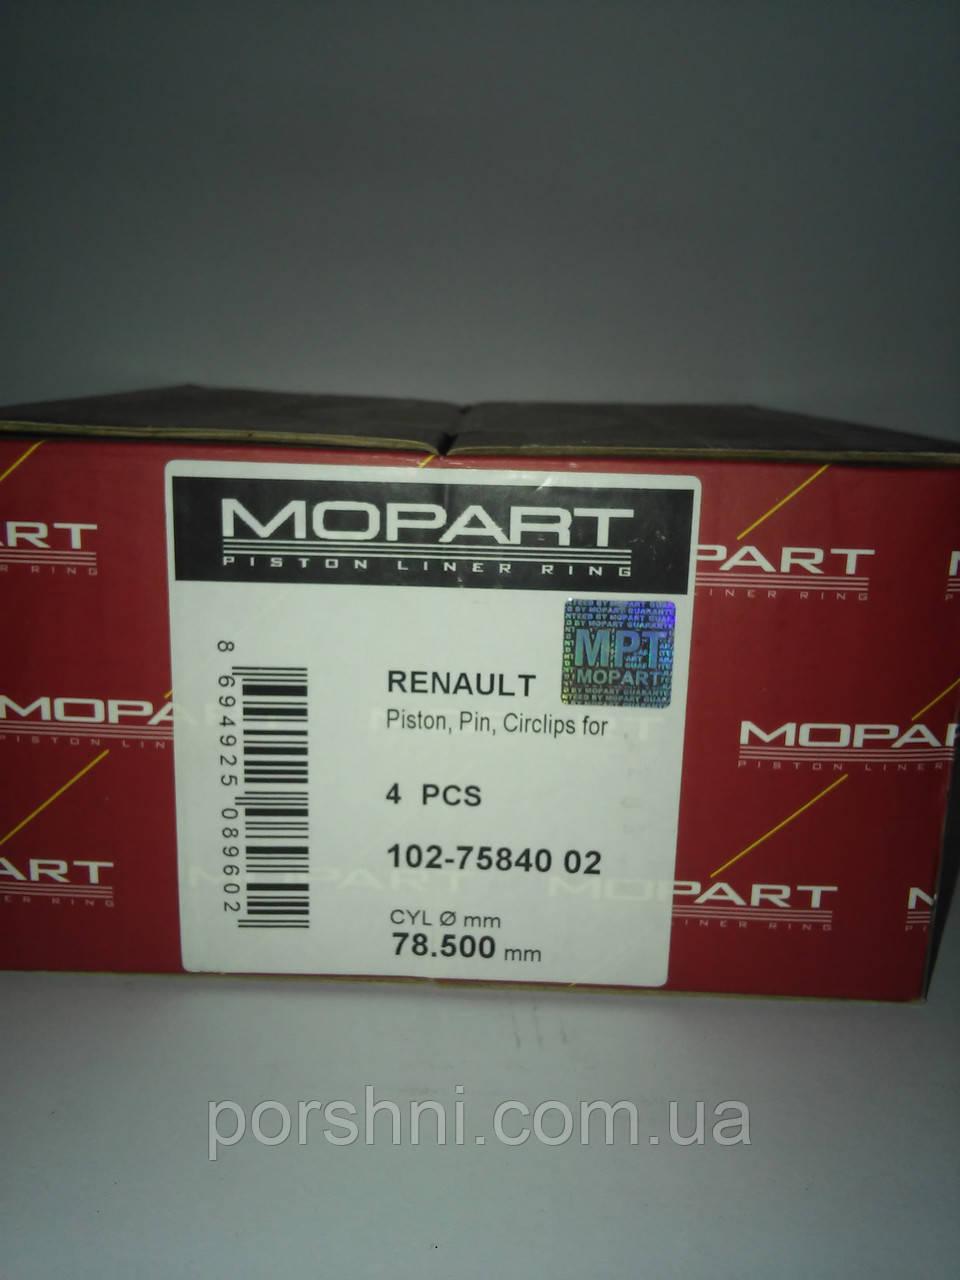 Поршни Рено 1.6 д  ( 2 x 2 x 3 )  диам 78.5 Mopisan 7584002